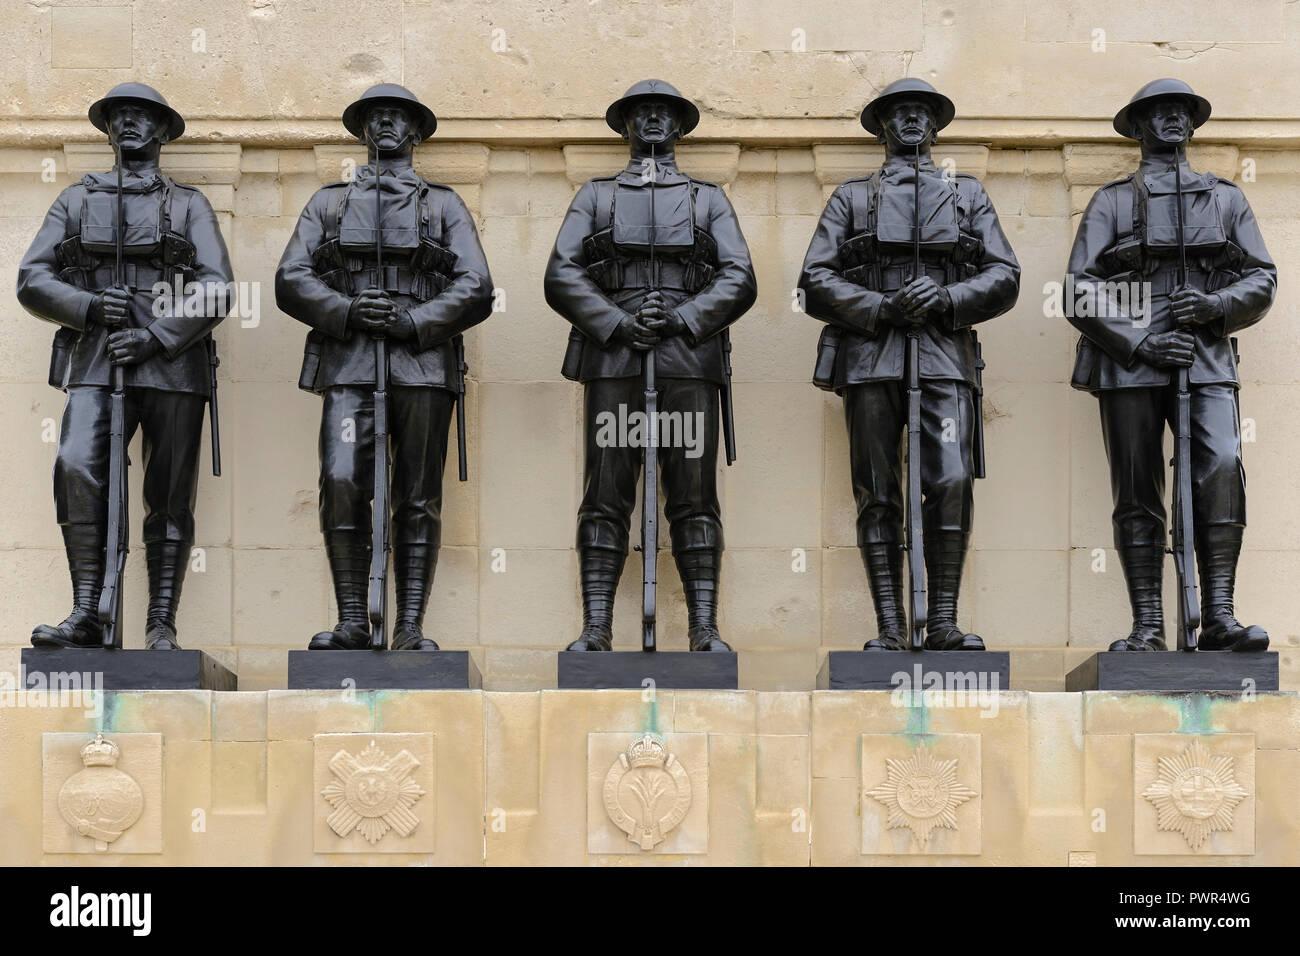 Le guardie Memorial, St James Park, la Sfilata delle Guardie a Cavallo, London, Regno Unito Immagini Stock